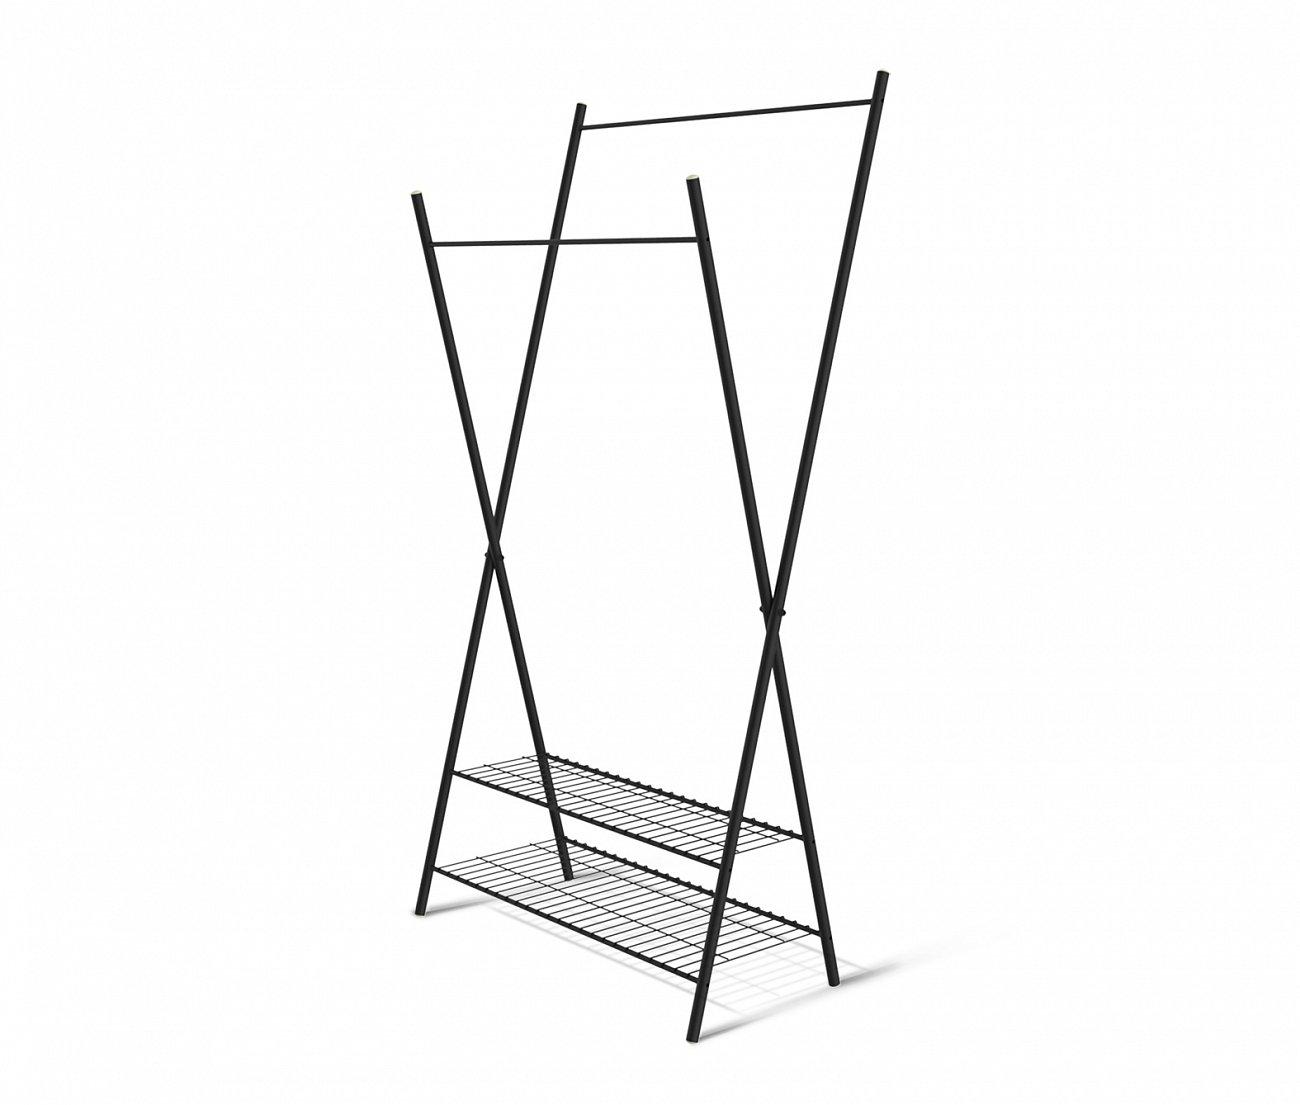 Купить Вешалка гардеробная Kacheli 2 в интернет магазине дизайнерской мебели и аксессуаров для дома и дачи